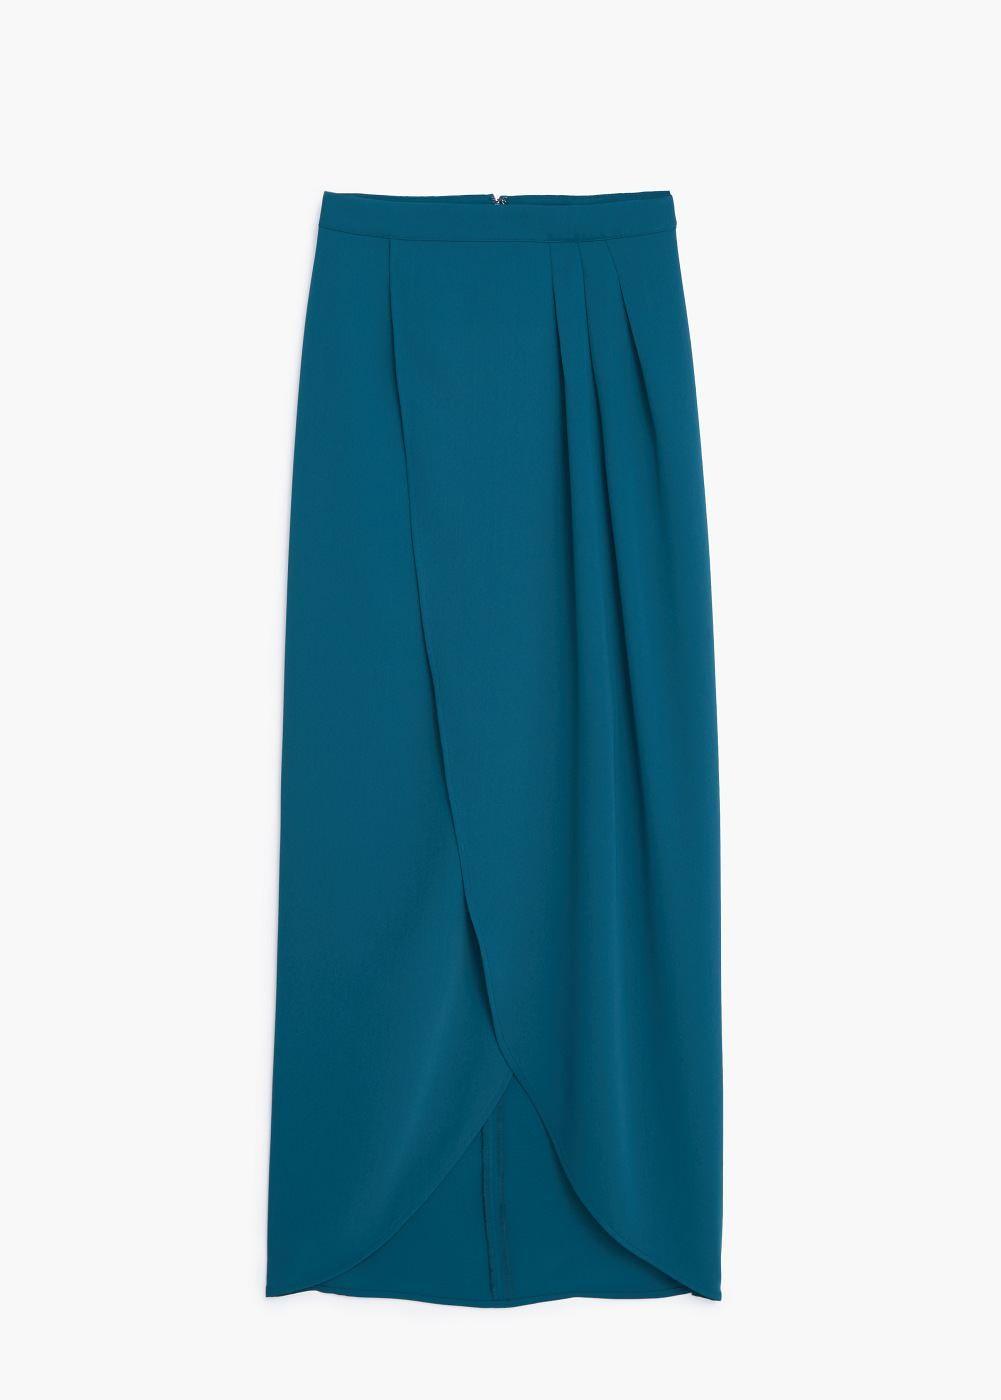 c2340896d Falda larga cruzada - Mujer en 2019   mis modas   Faldas largas ...